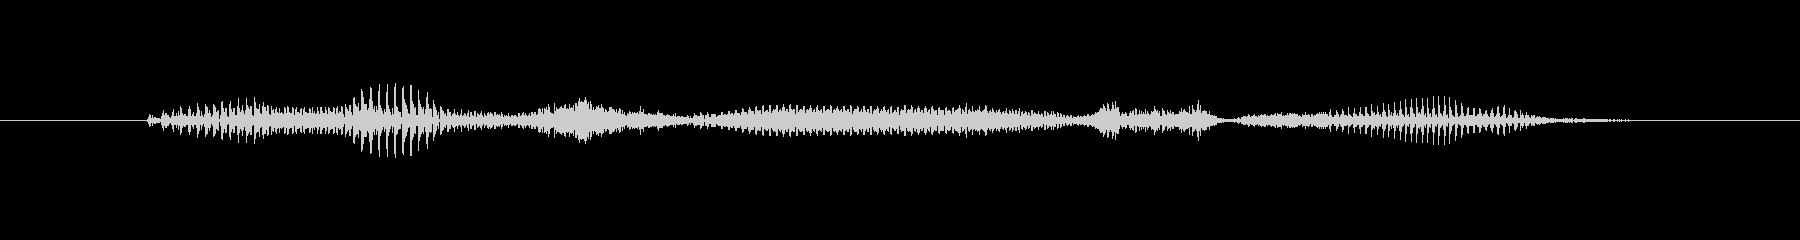 おやすみなさいの未再生の波形